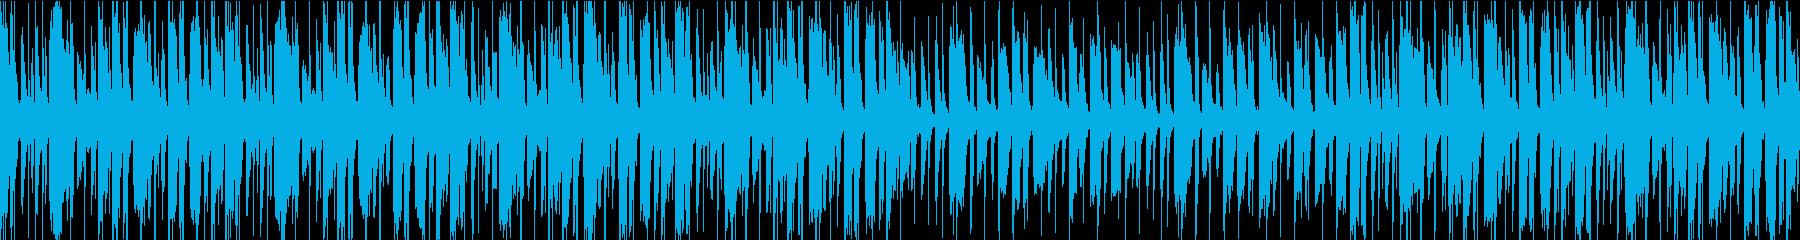 陽気な雰囲気のループ曲の再生済みの波形